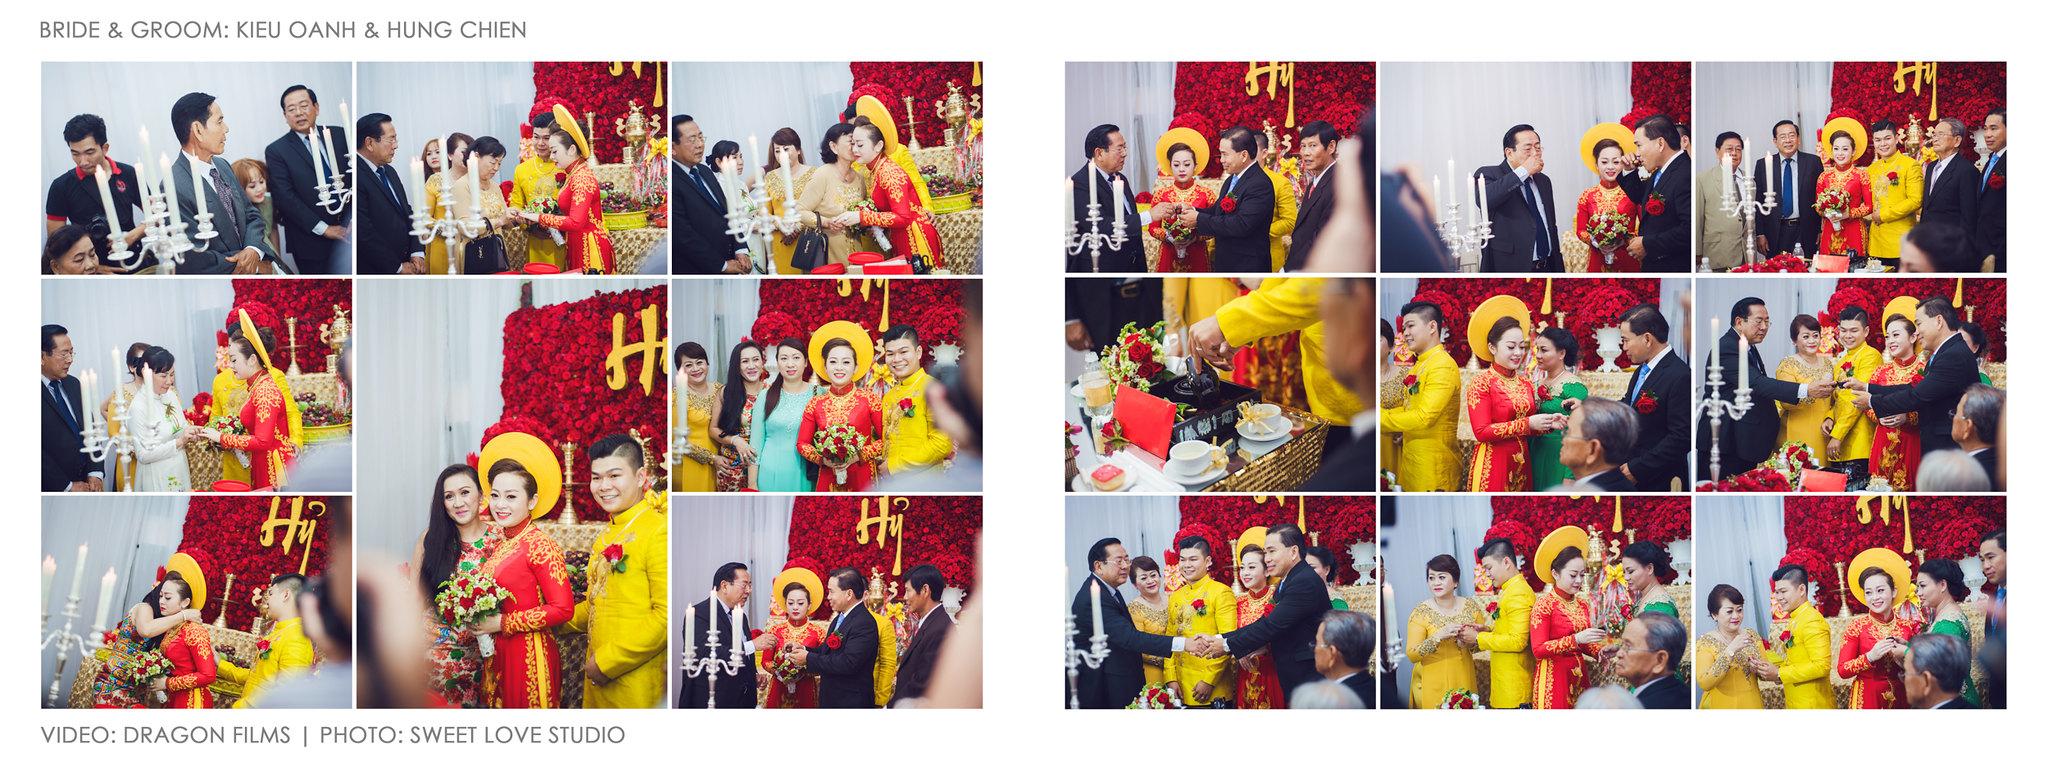 Chup-anh-cuoi-phong-su-Kieu-Oanh-Hung-Chien-14